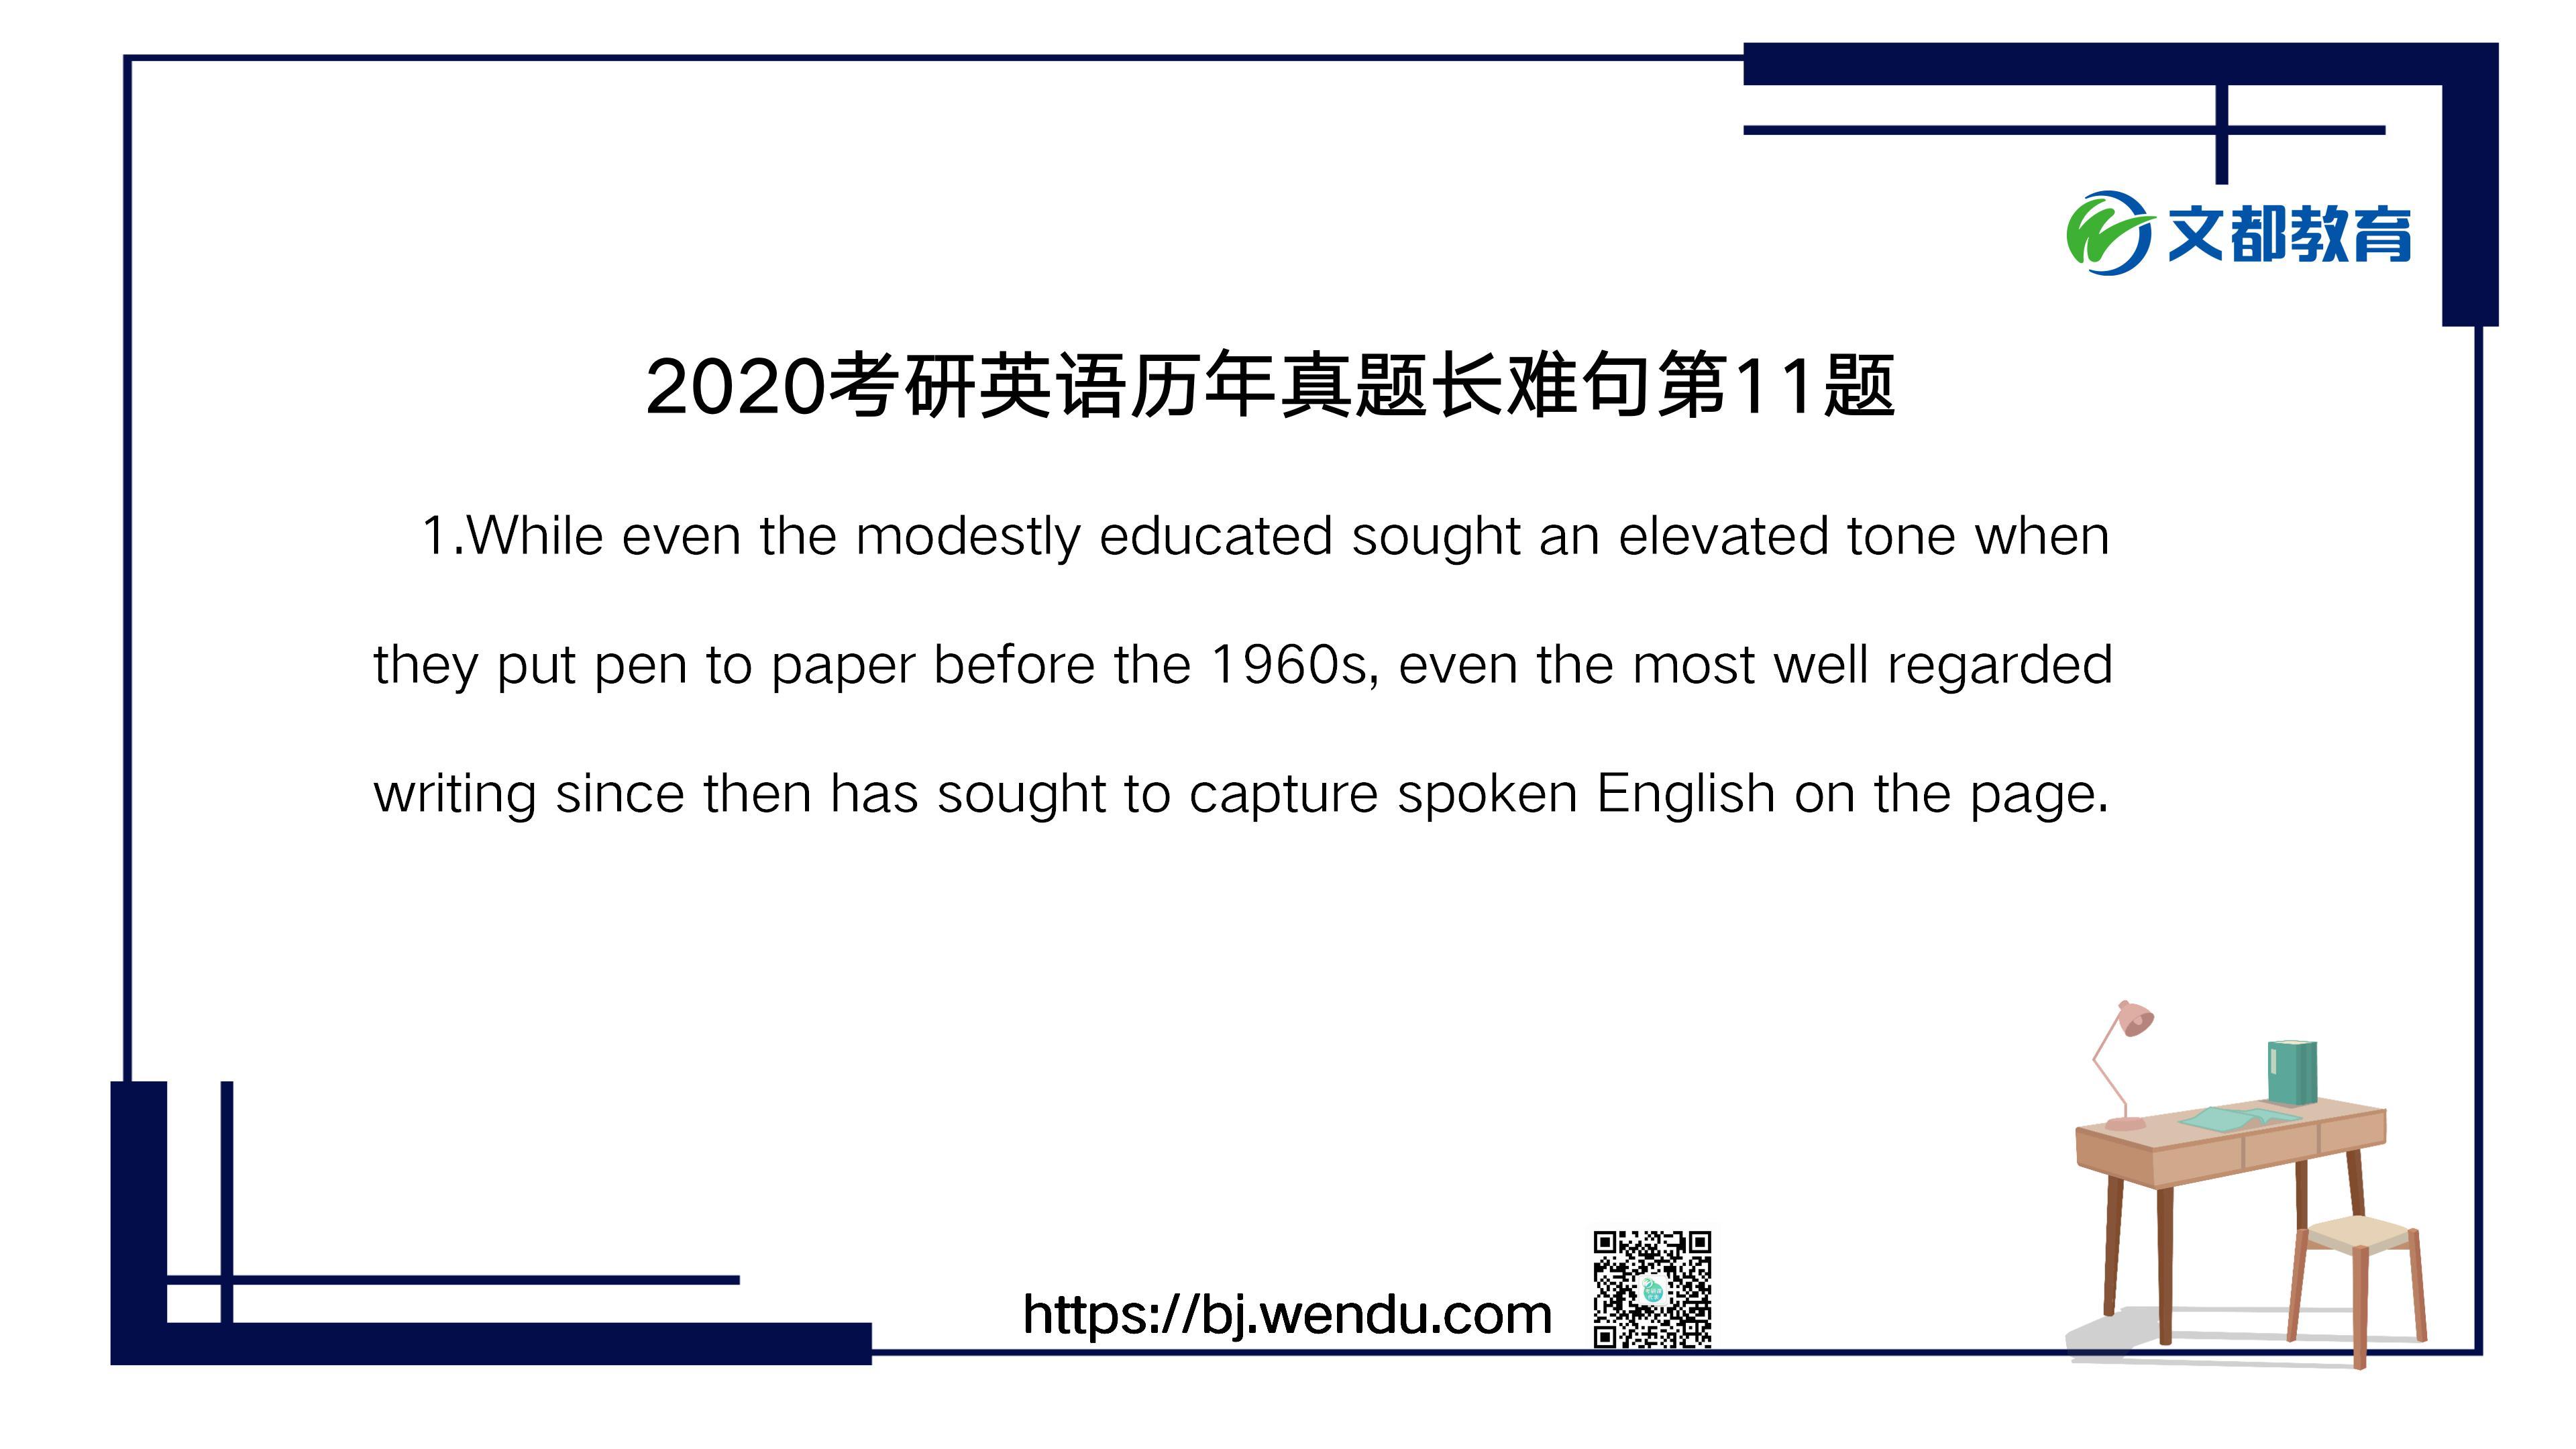 2020考研英语历年真题长难句第11题